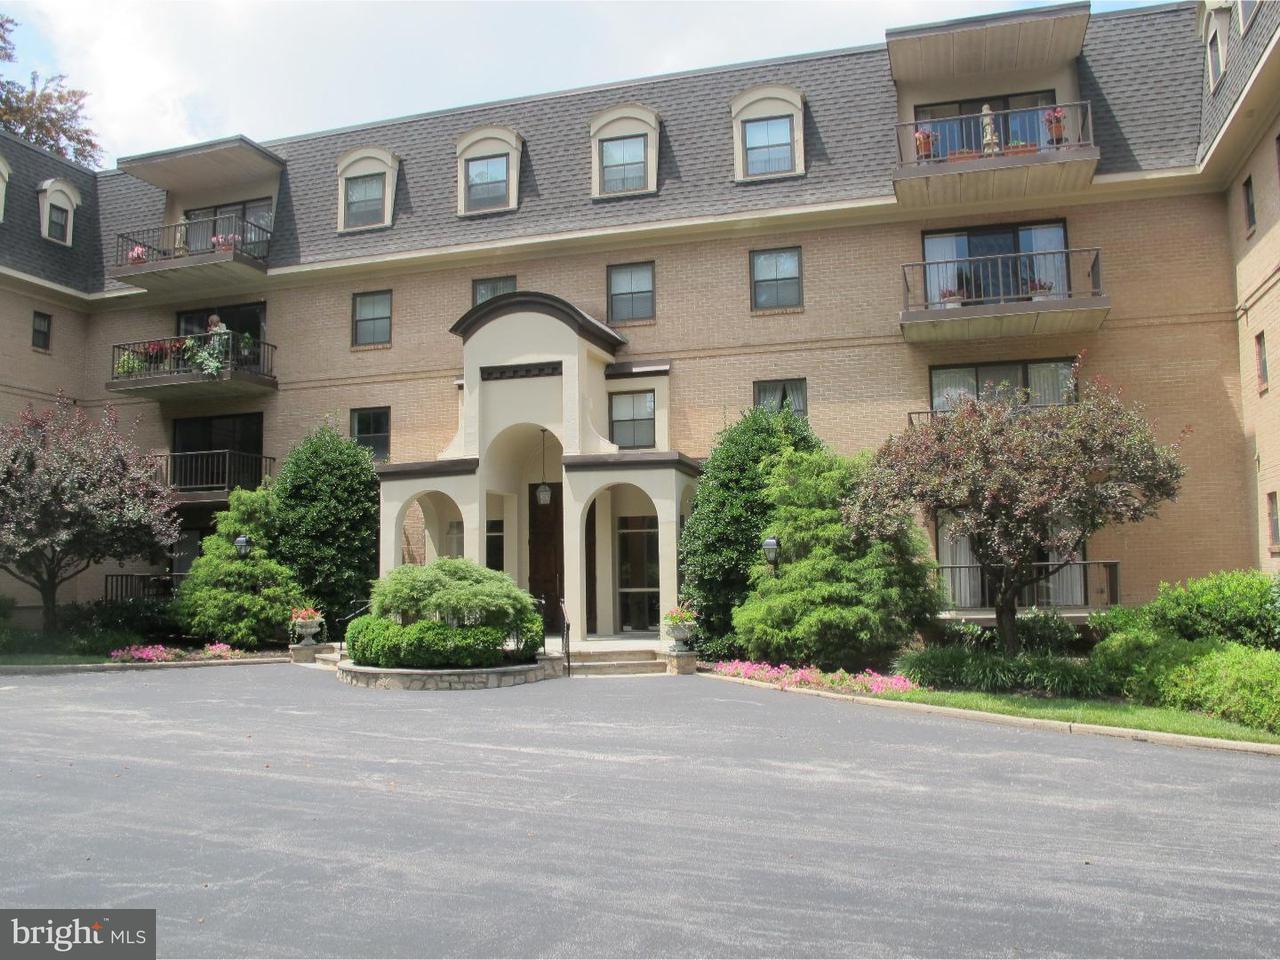 独户住宅 为 出租 在 601 W MONTGOMERY AVE #305 布林莫尔, 宾夕法尼亚州 19010 美国